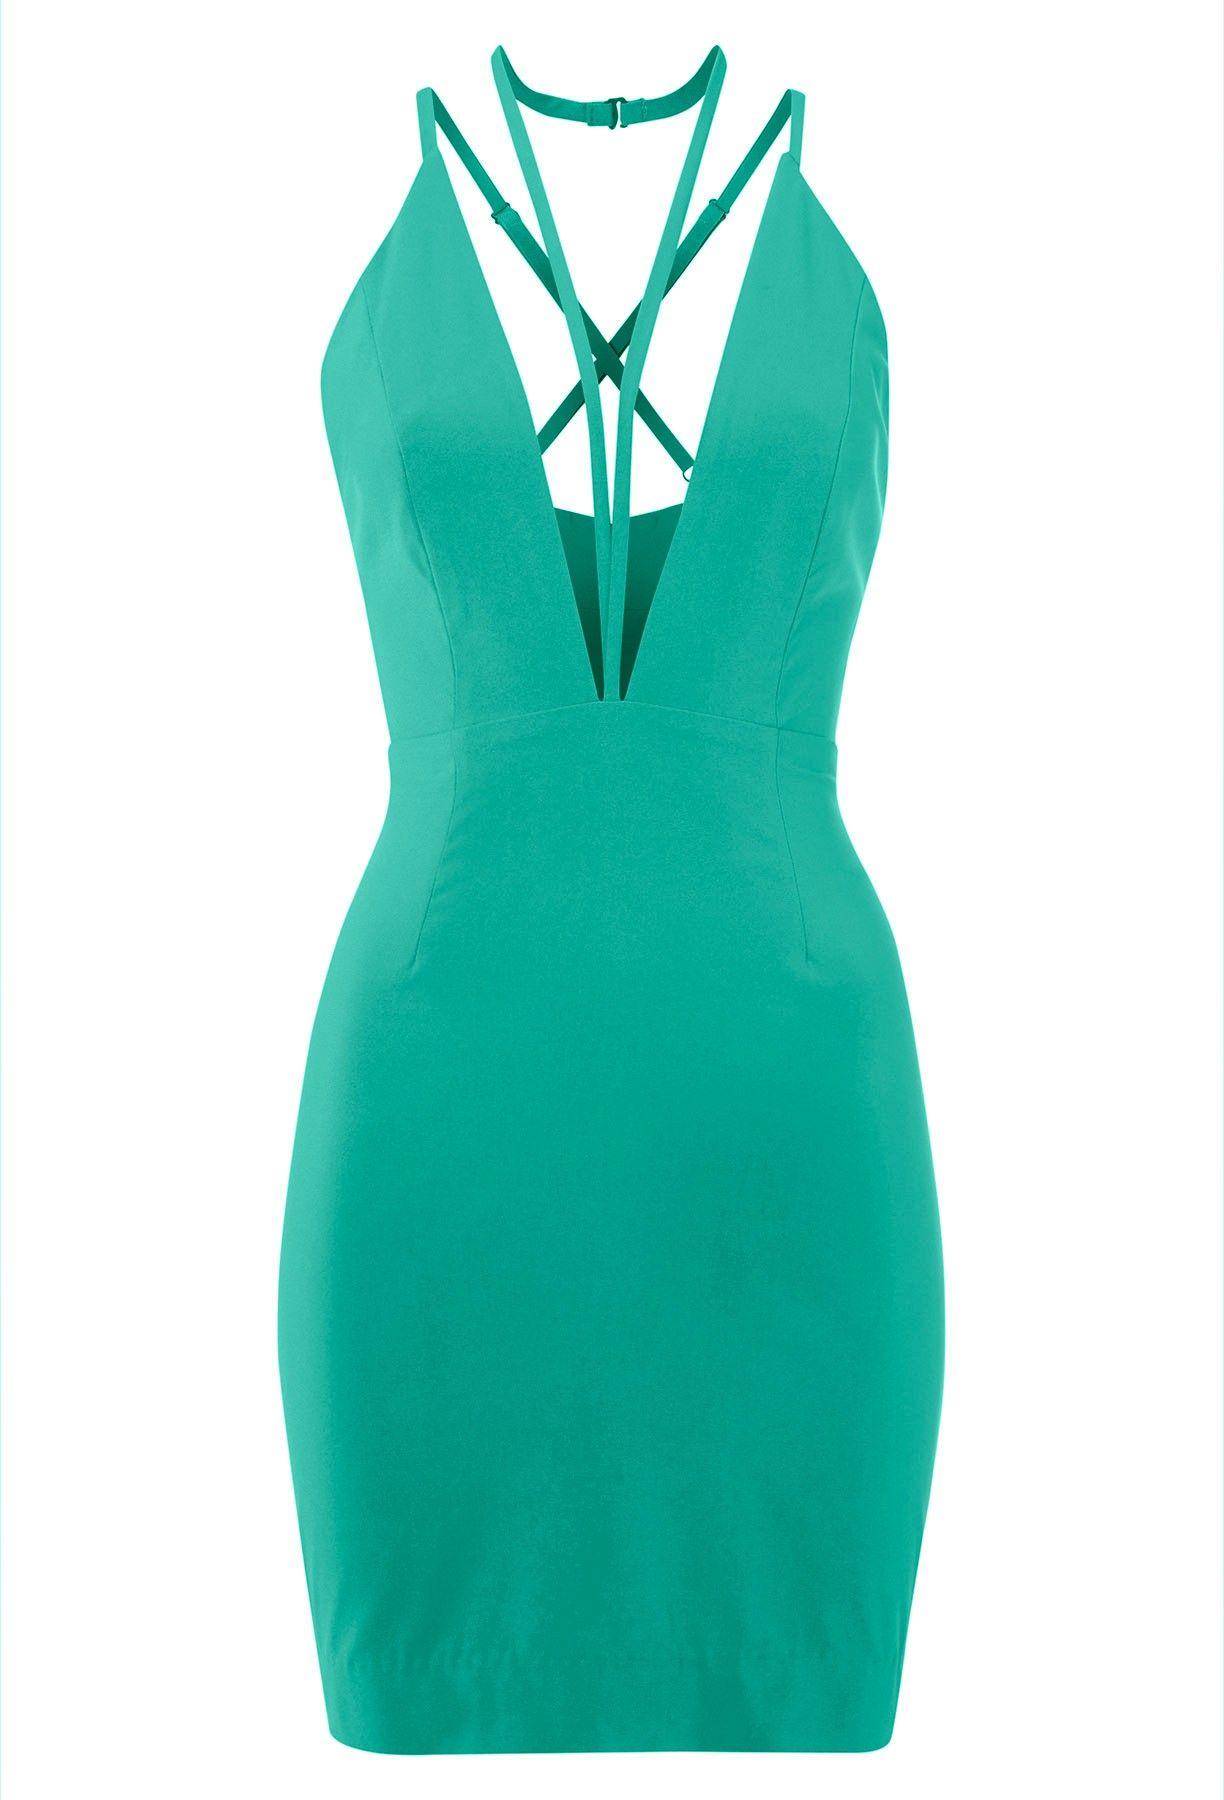 Jess green strappy deep v mini dress aqaq styled by rawness